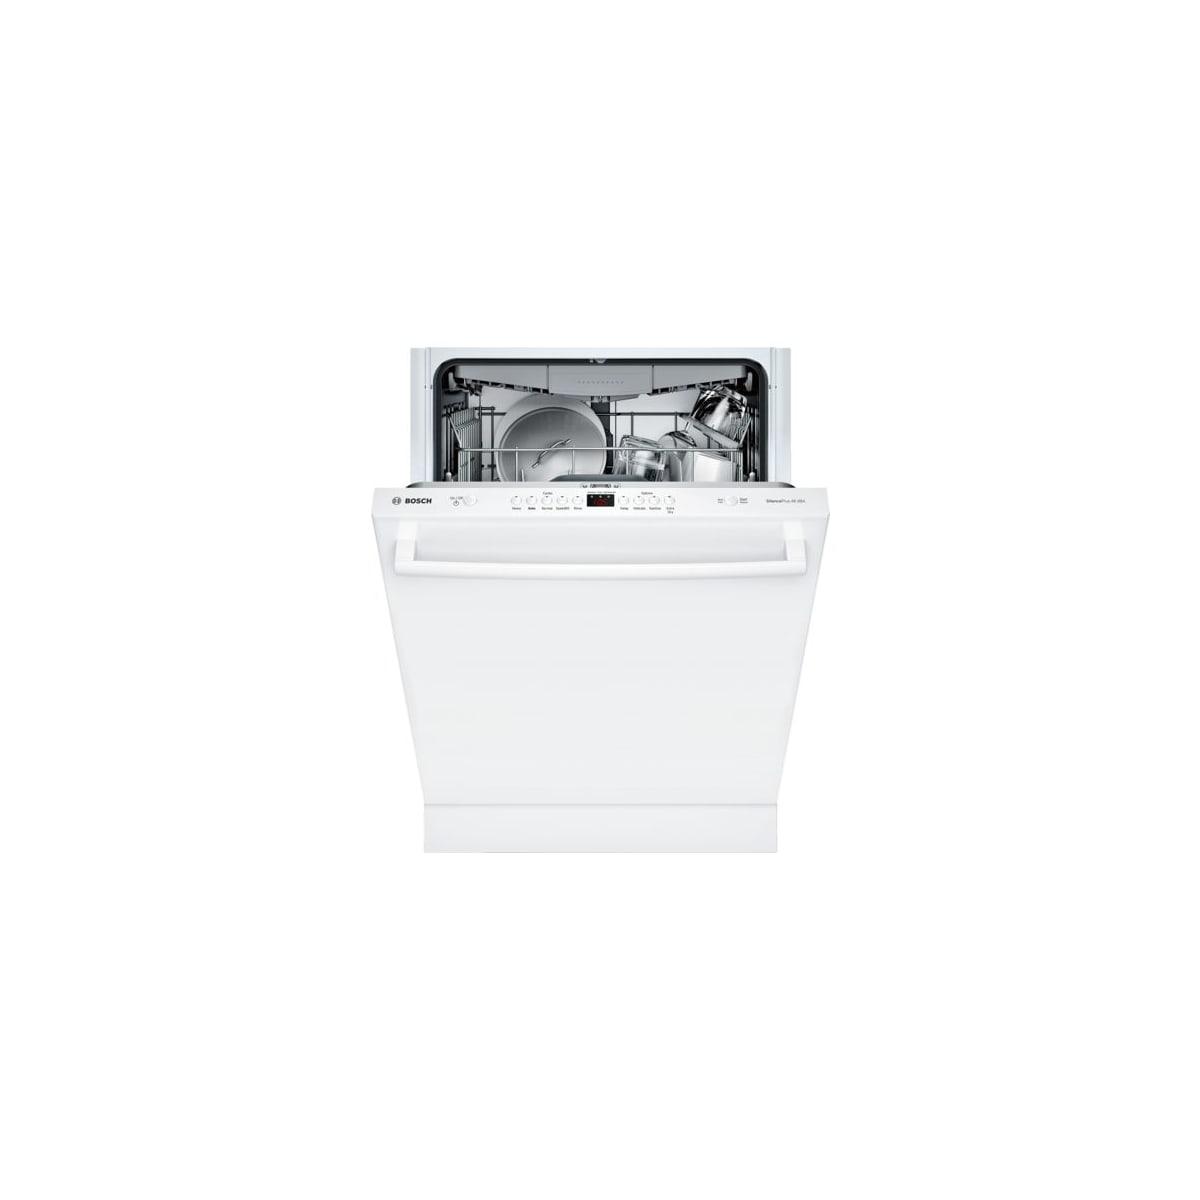 10 BEST Bosch Third Rack Dishwashers of March 2020 19